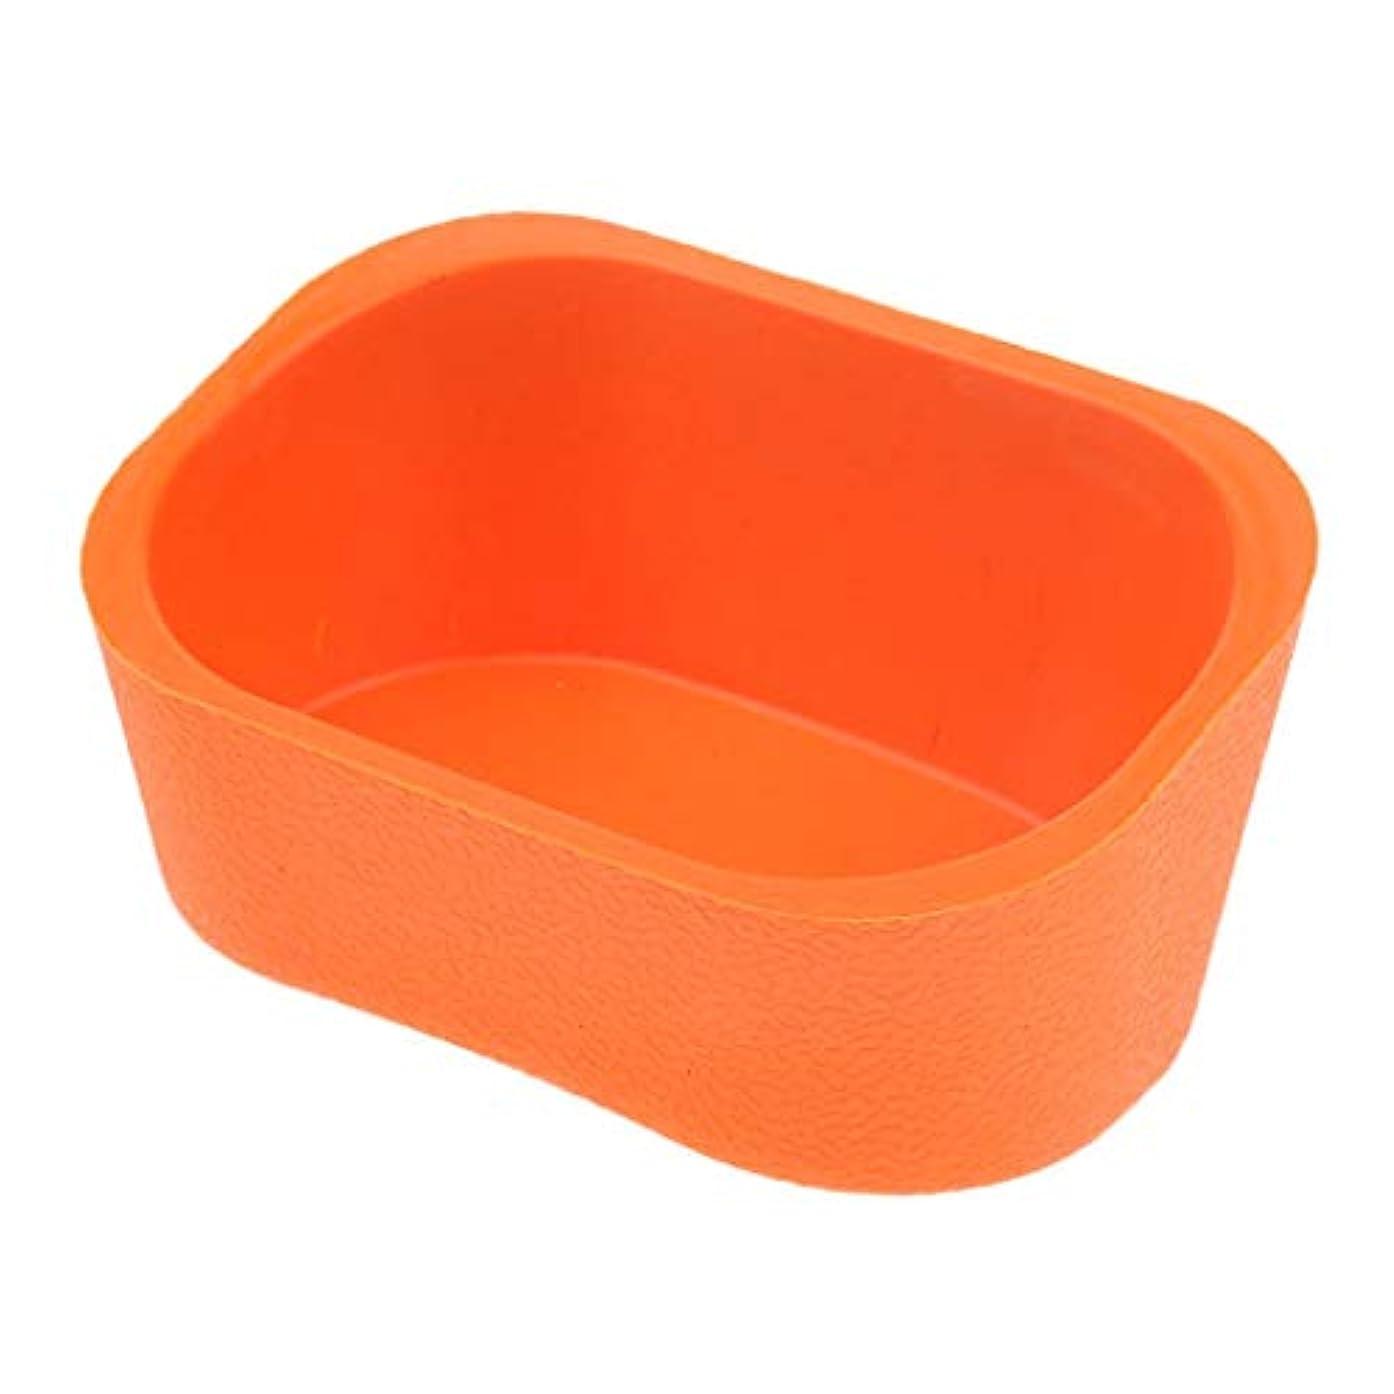 経由でリテラシー滴下シャンプーボウル ネックレス クッション ピロー ヘアサロン ソフト シリコンゲル 5色選べ - オレンジ